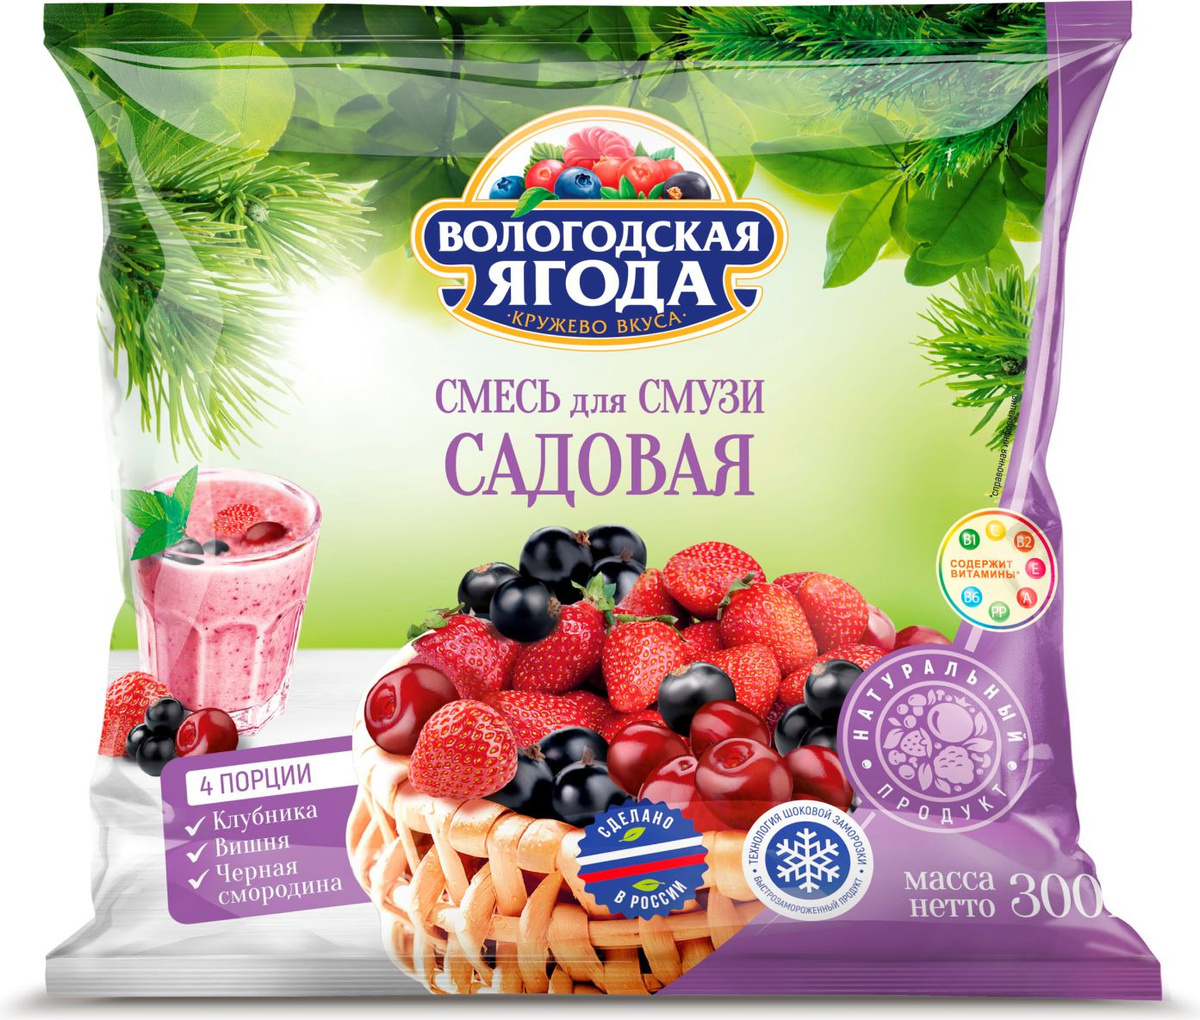 Смесь для смузи Кружево Вкуса из вишни, клубники, черной смородины, быстрозамороженная, 300 г  #1